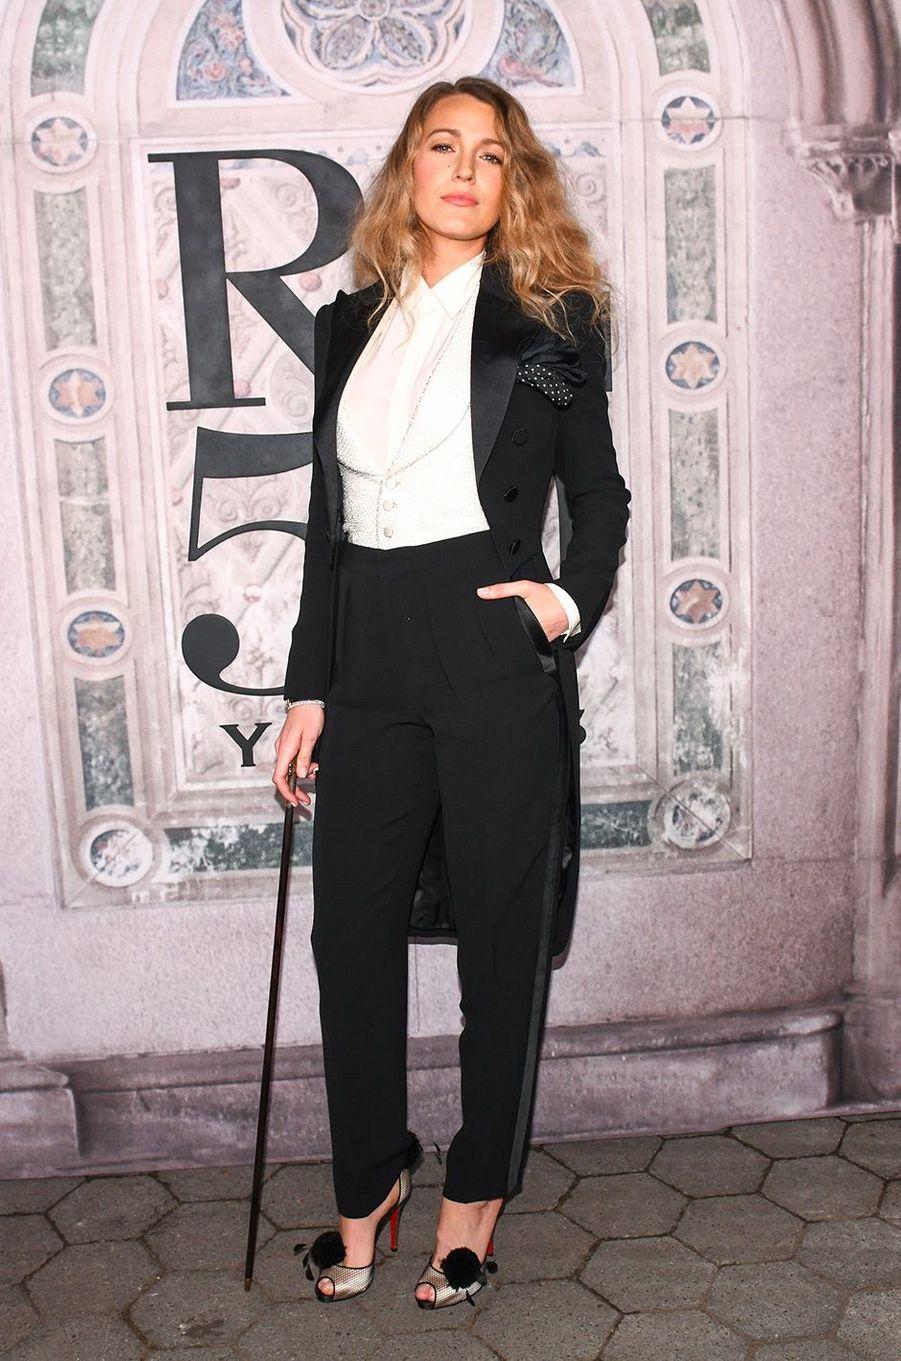 Blake Lively à la soirée des 50 ans de Ralph Lauren à New York, vendredi 7 septembre